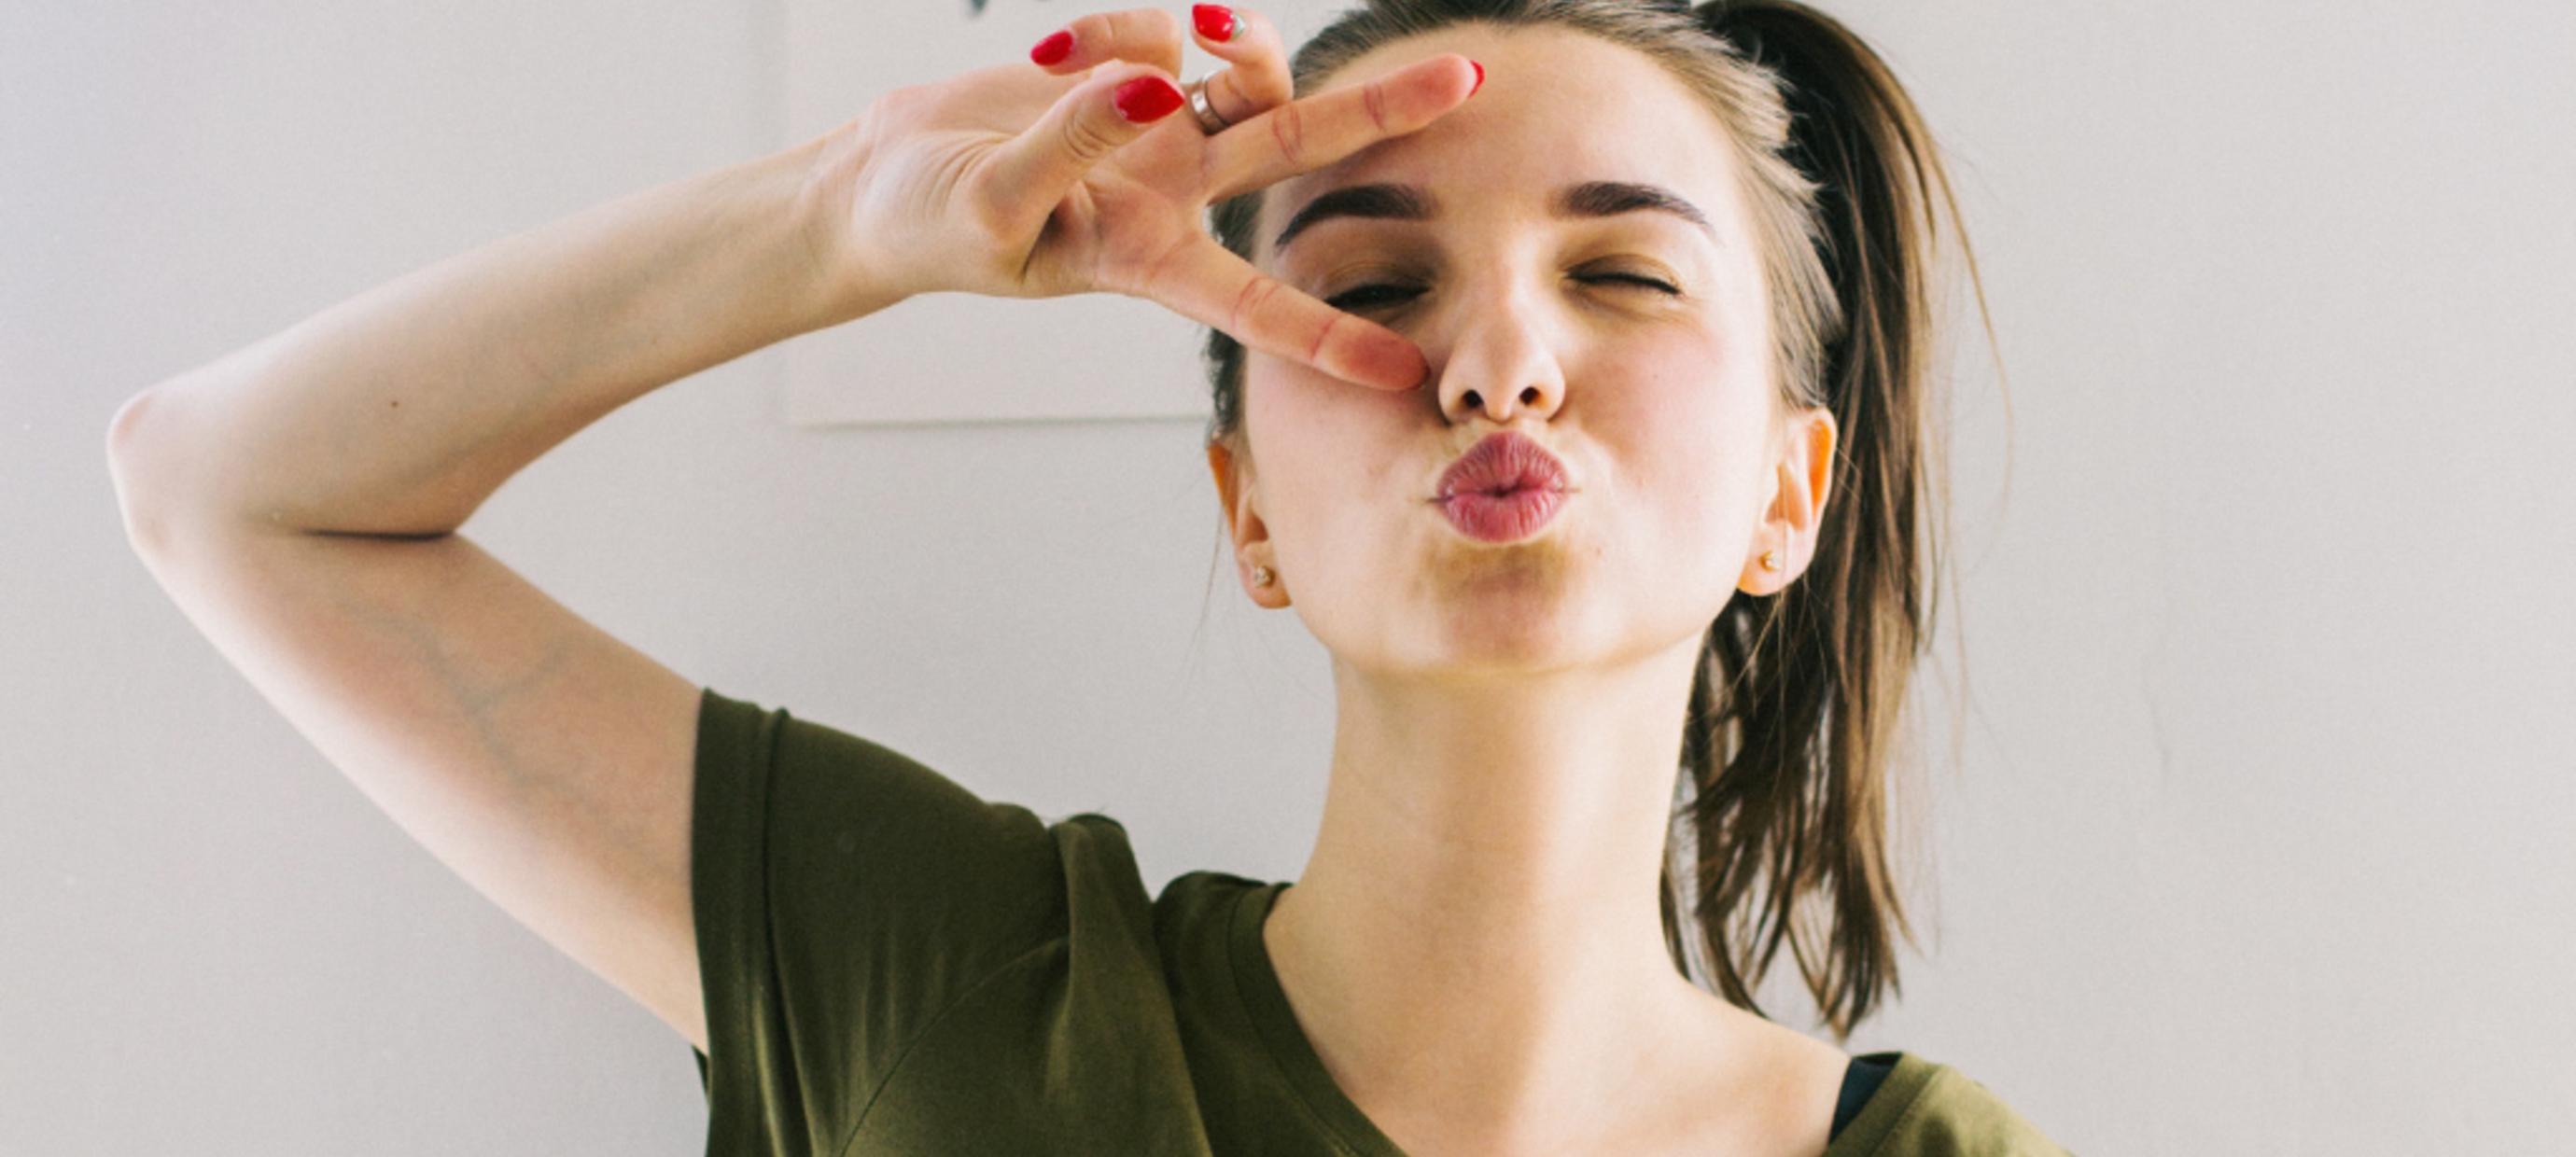 Waarom mensen zonder groene vingers de leukste zijn